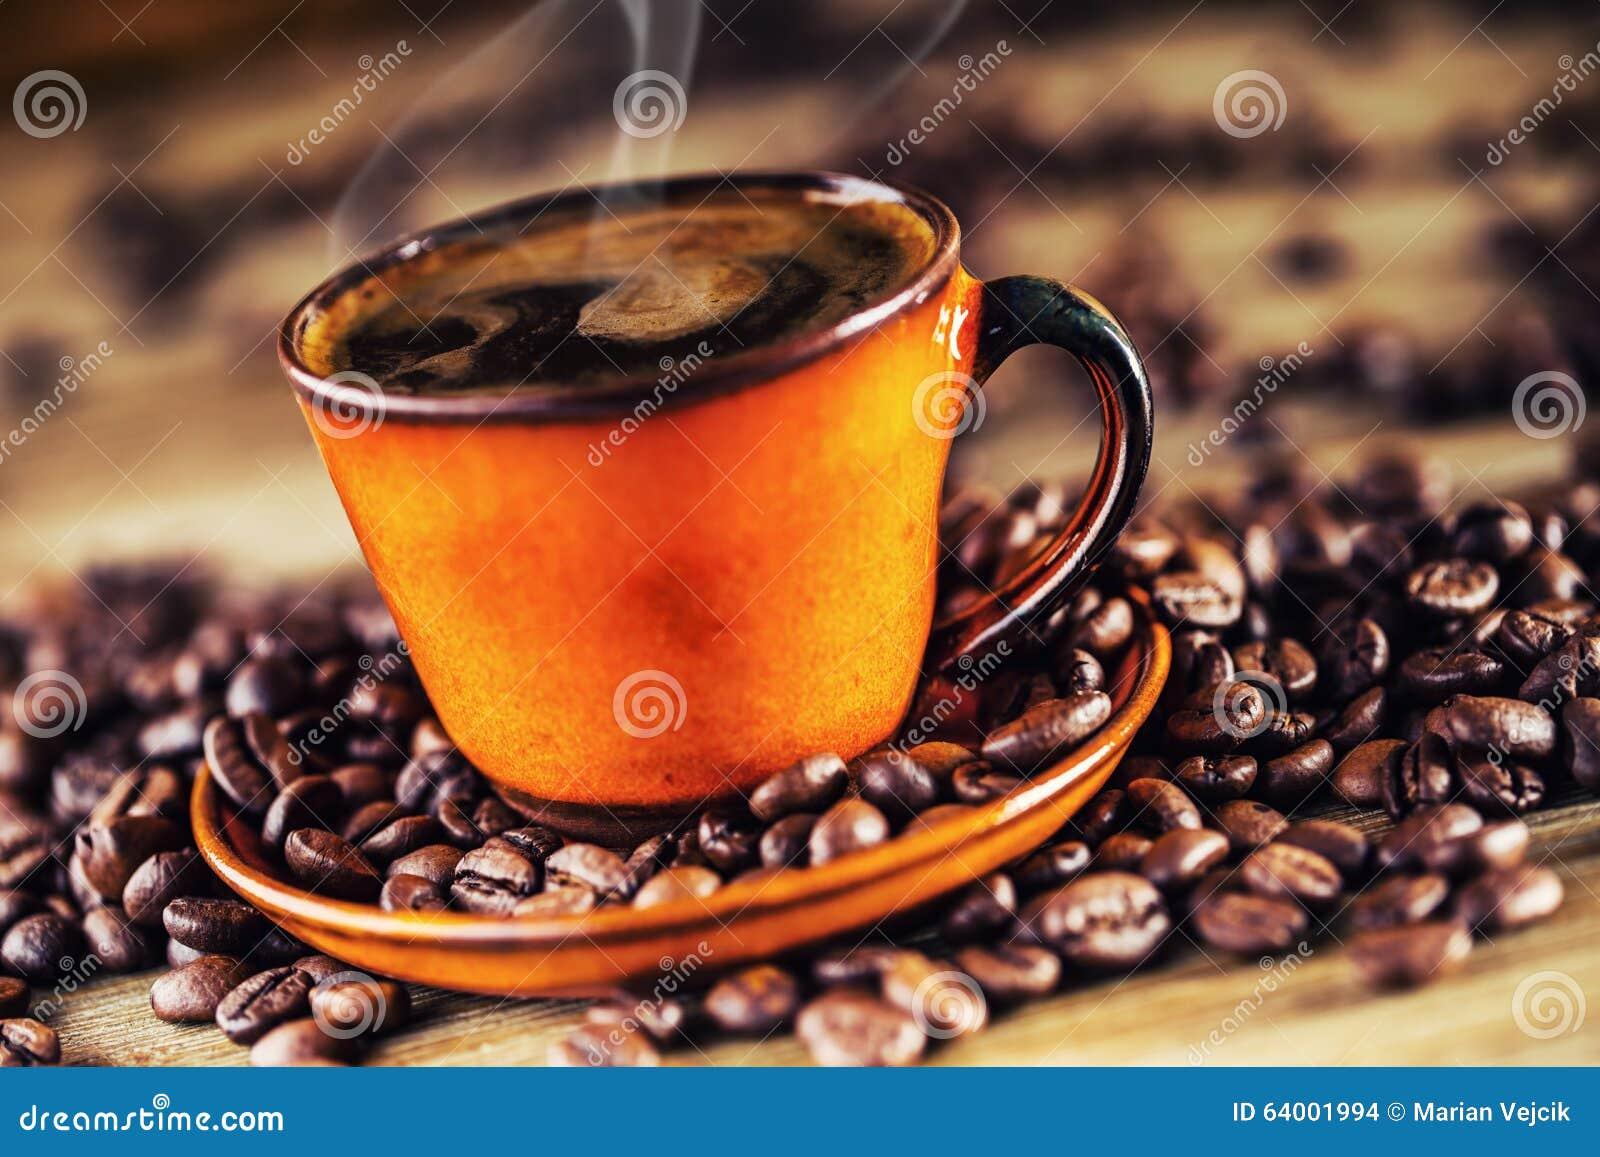 Taza de café sólo y de granos de café derramados Descanso para tomar café